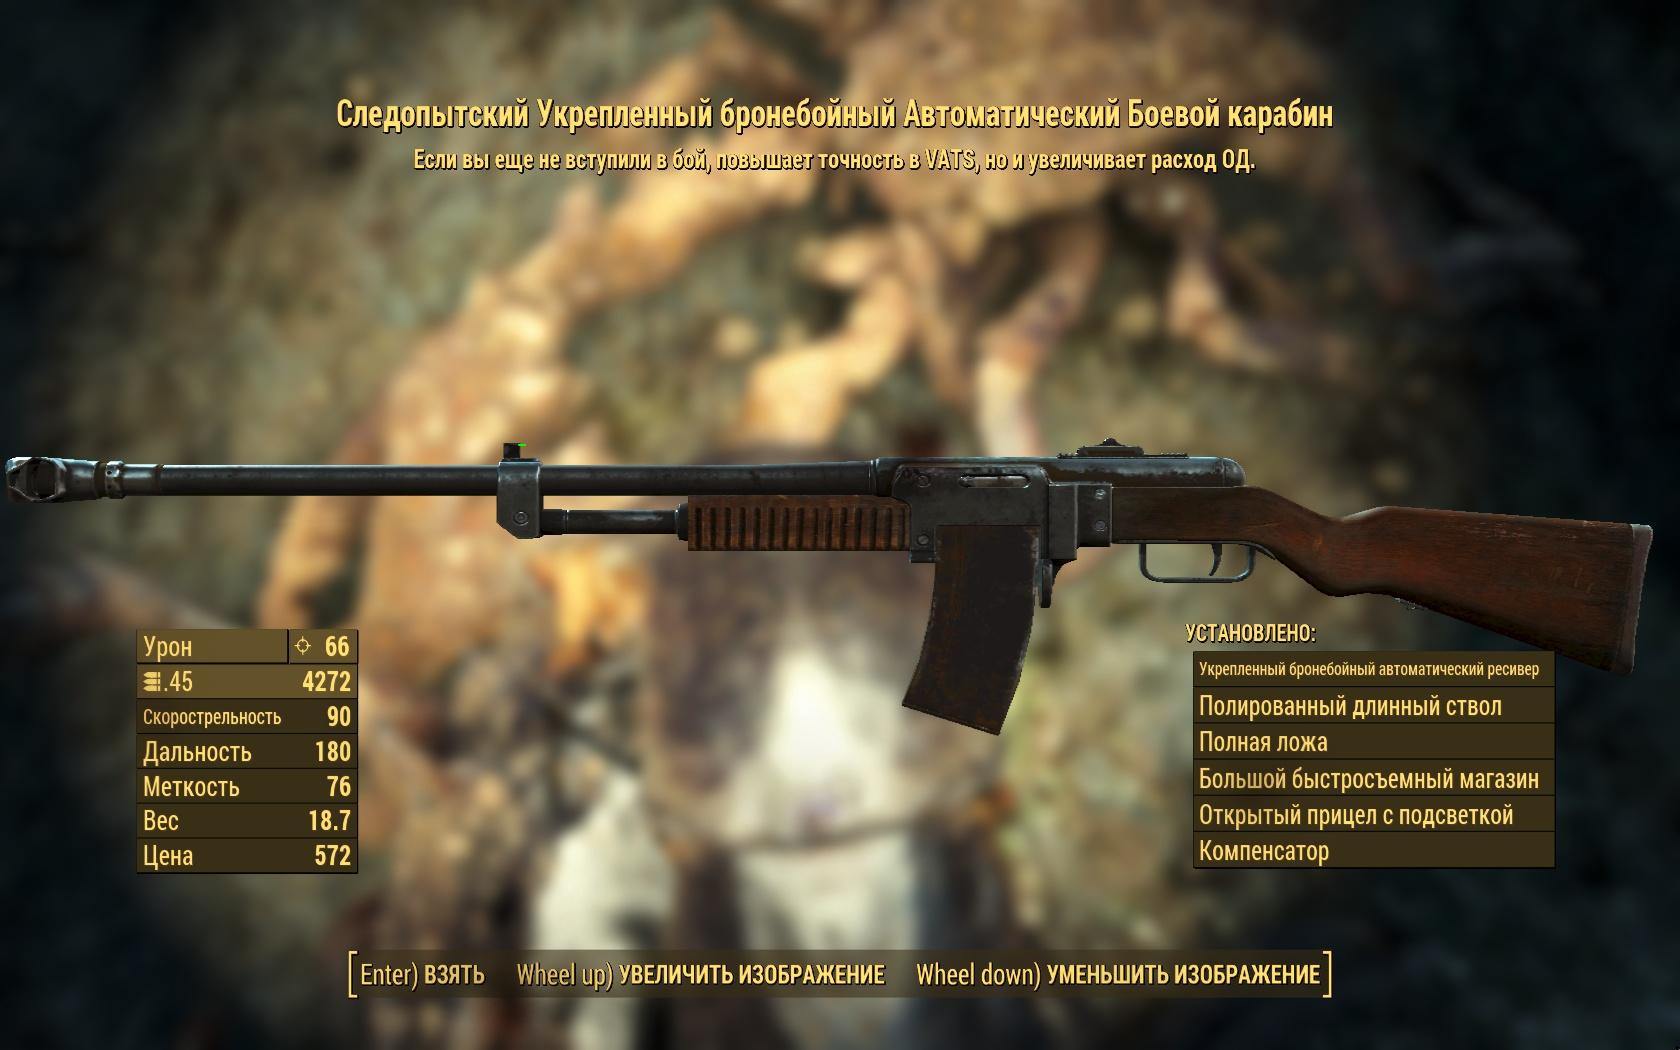 карабин - Fallout 4 автоматический, боевой, бронебойный, Оружие, Следопытский, укреплённый